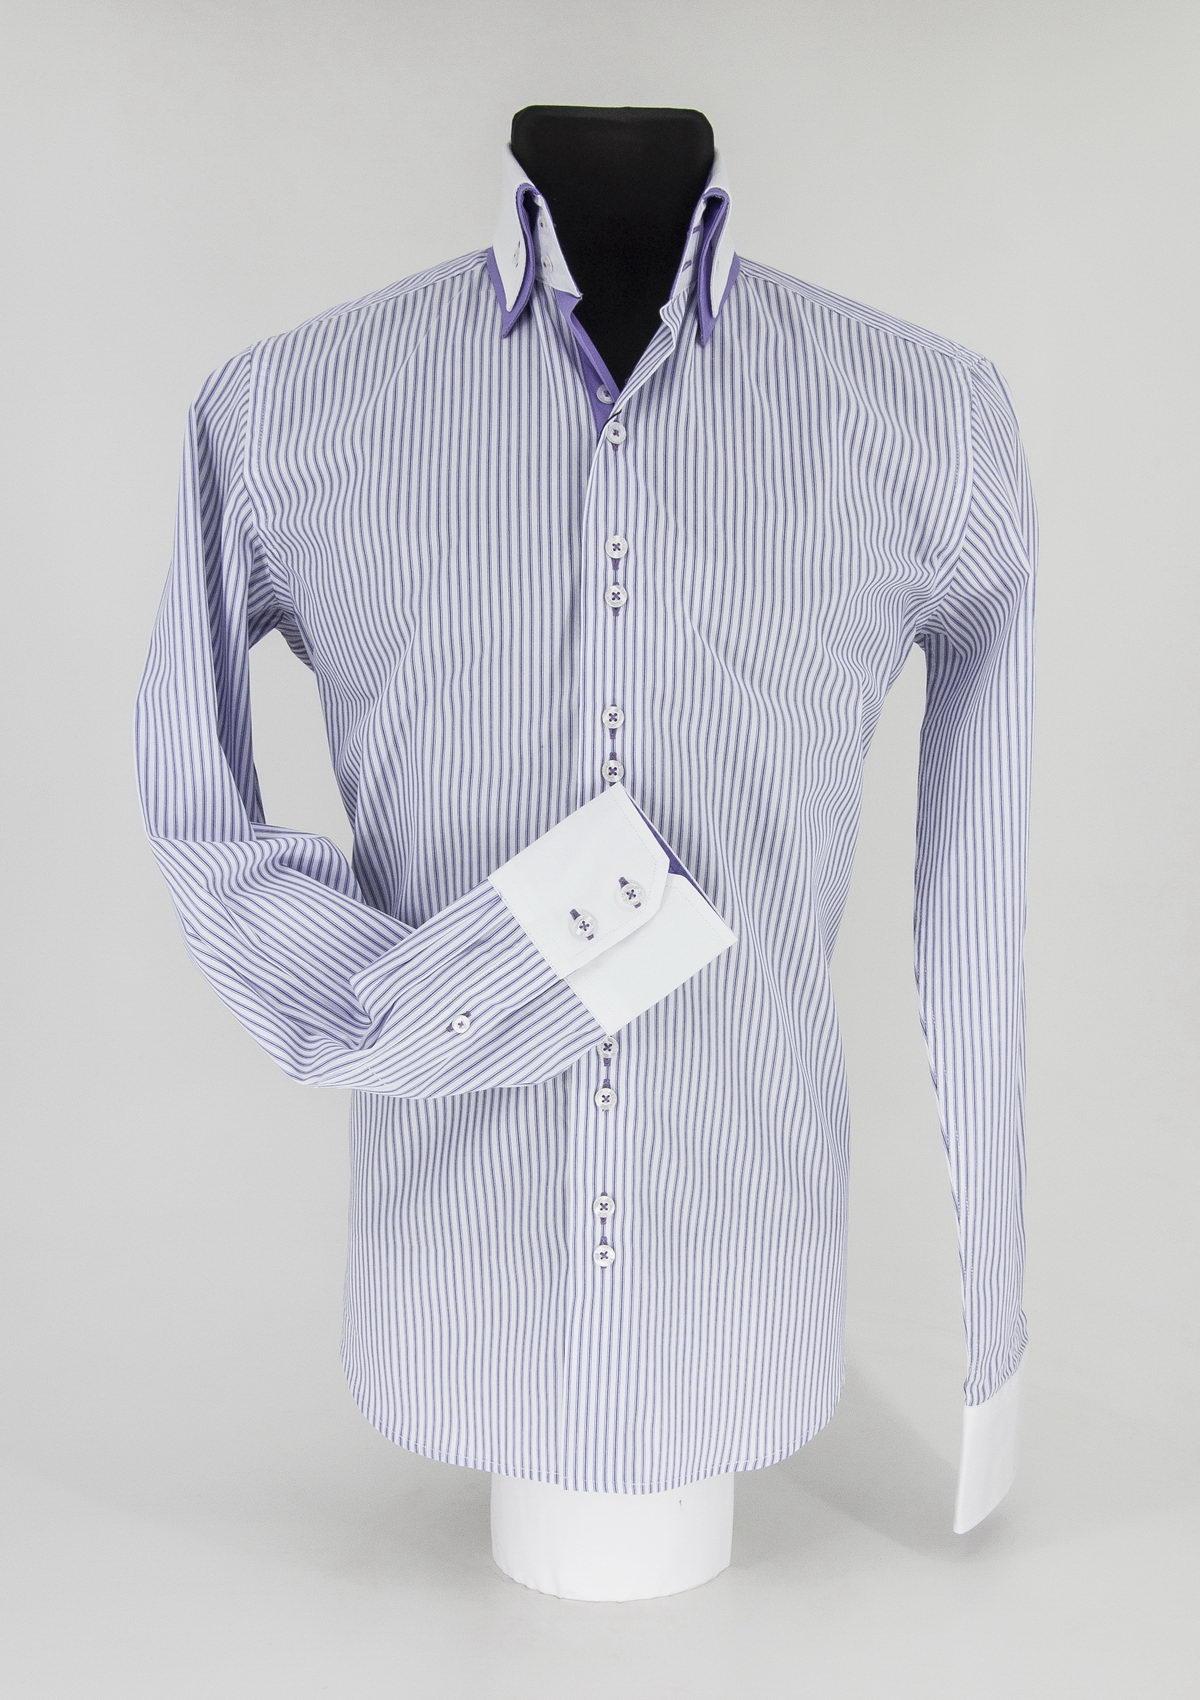 Огромный выбор мужских и женских сорочек. Модели от классических до ультрасовременных.Без рядов.